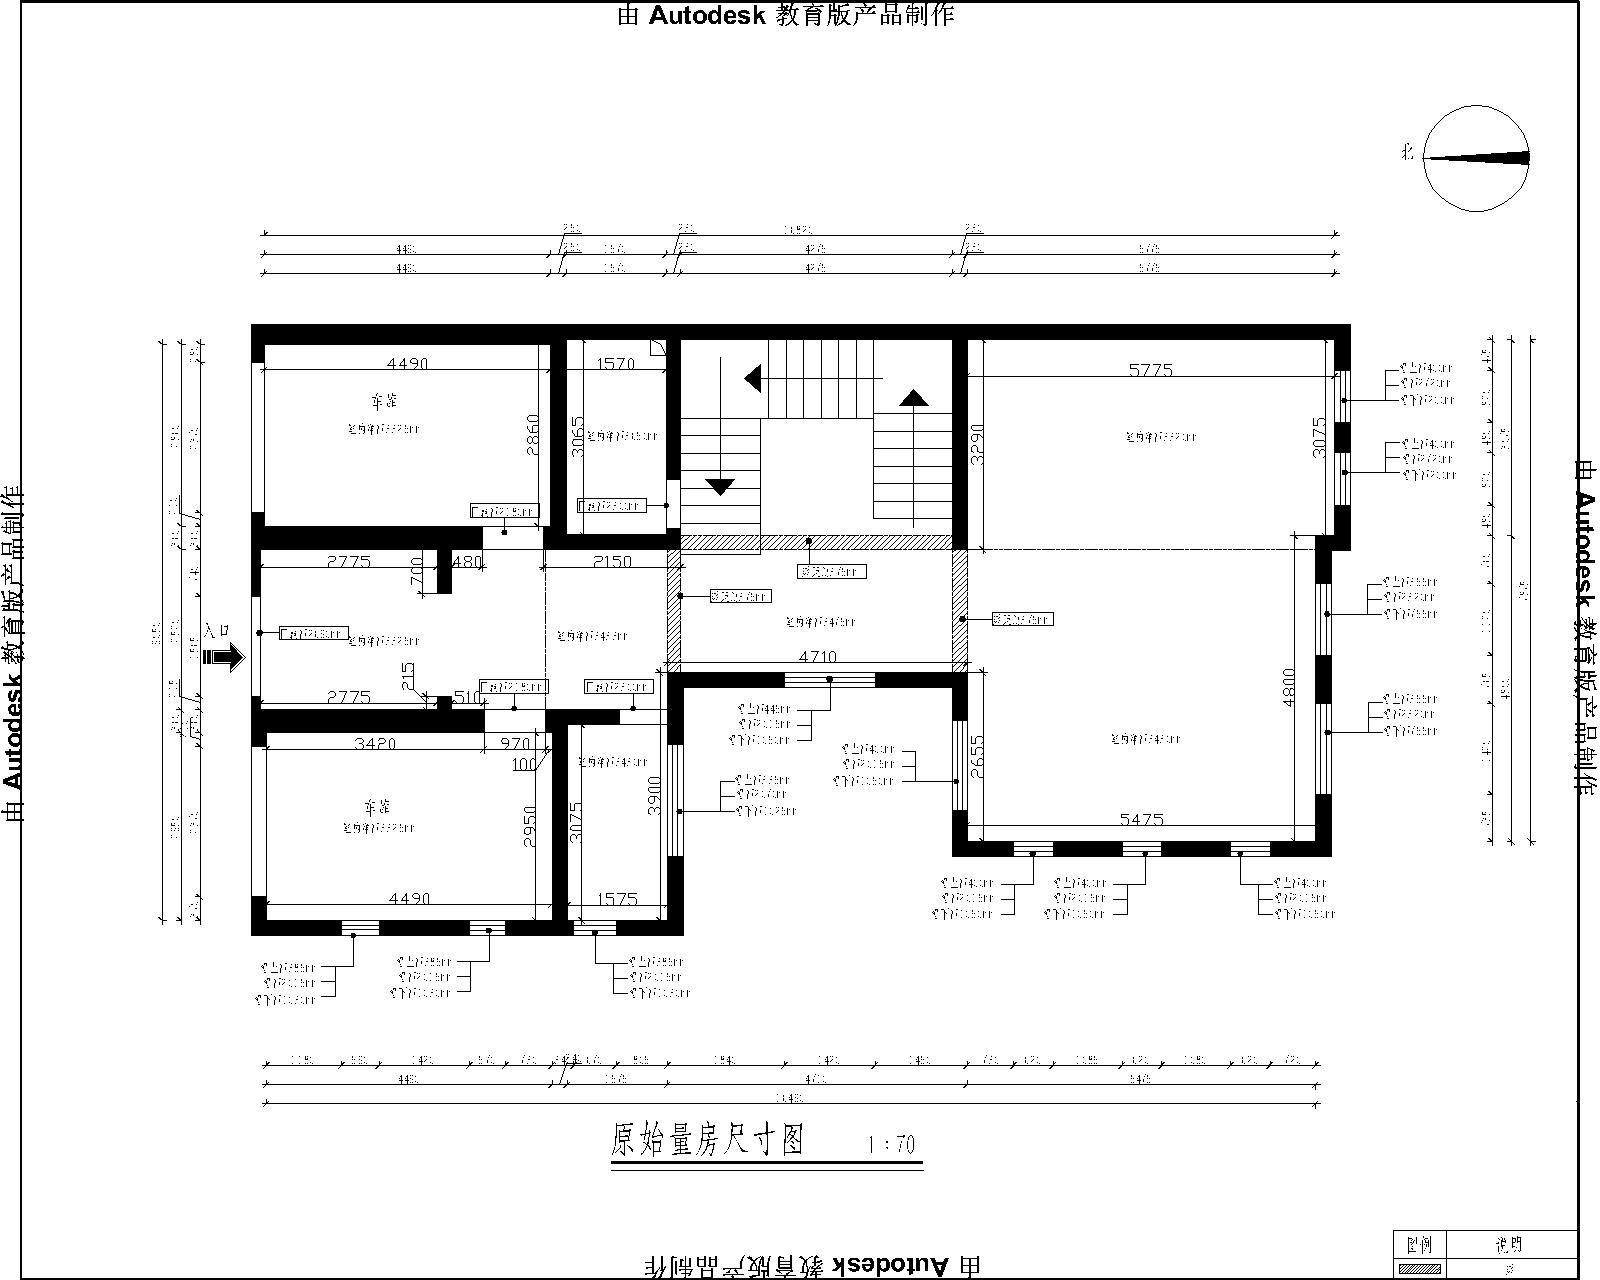 伍仟岛-法式古典性状style-348m/2装潢策划愿景